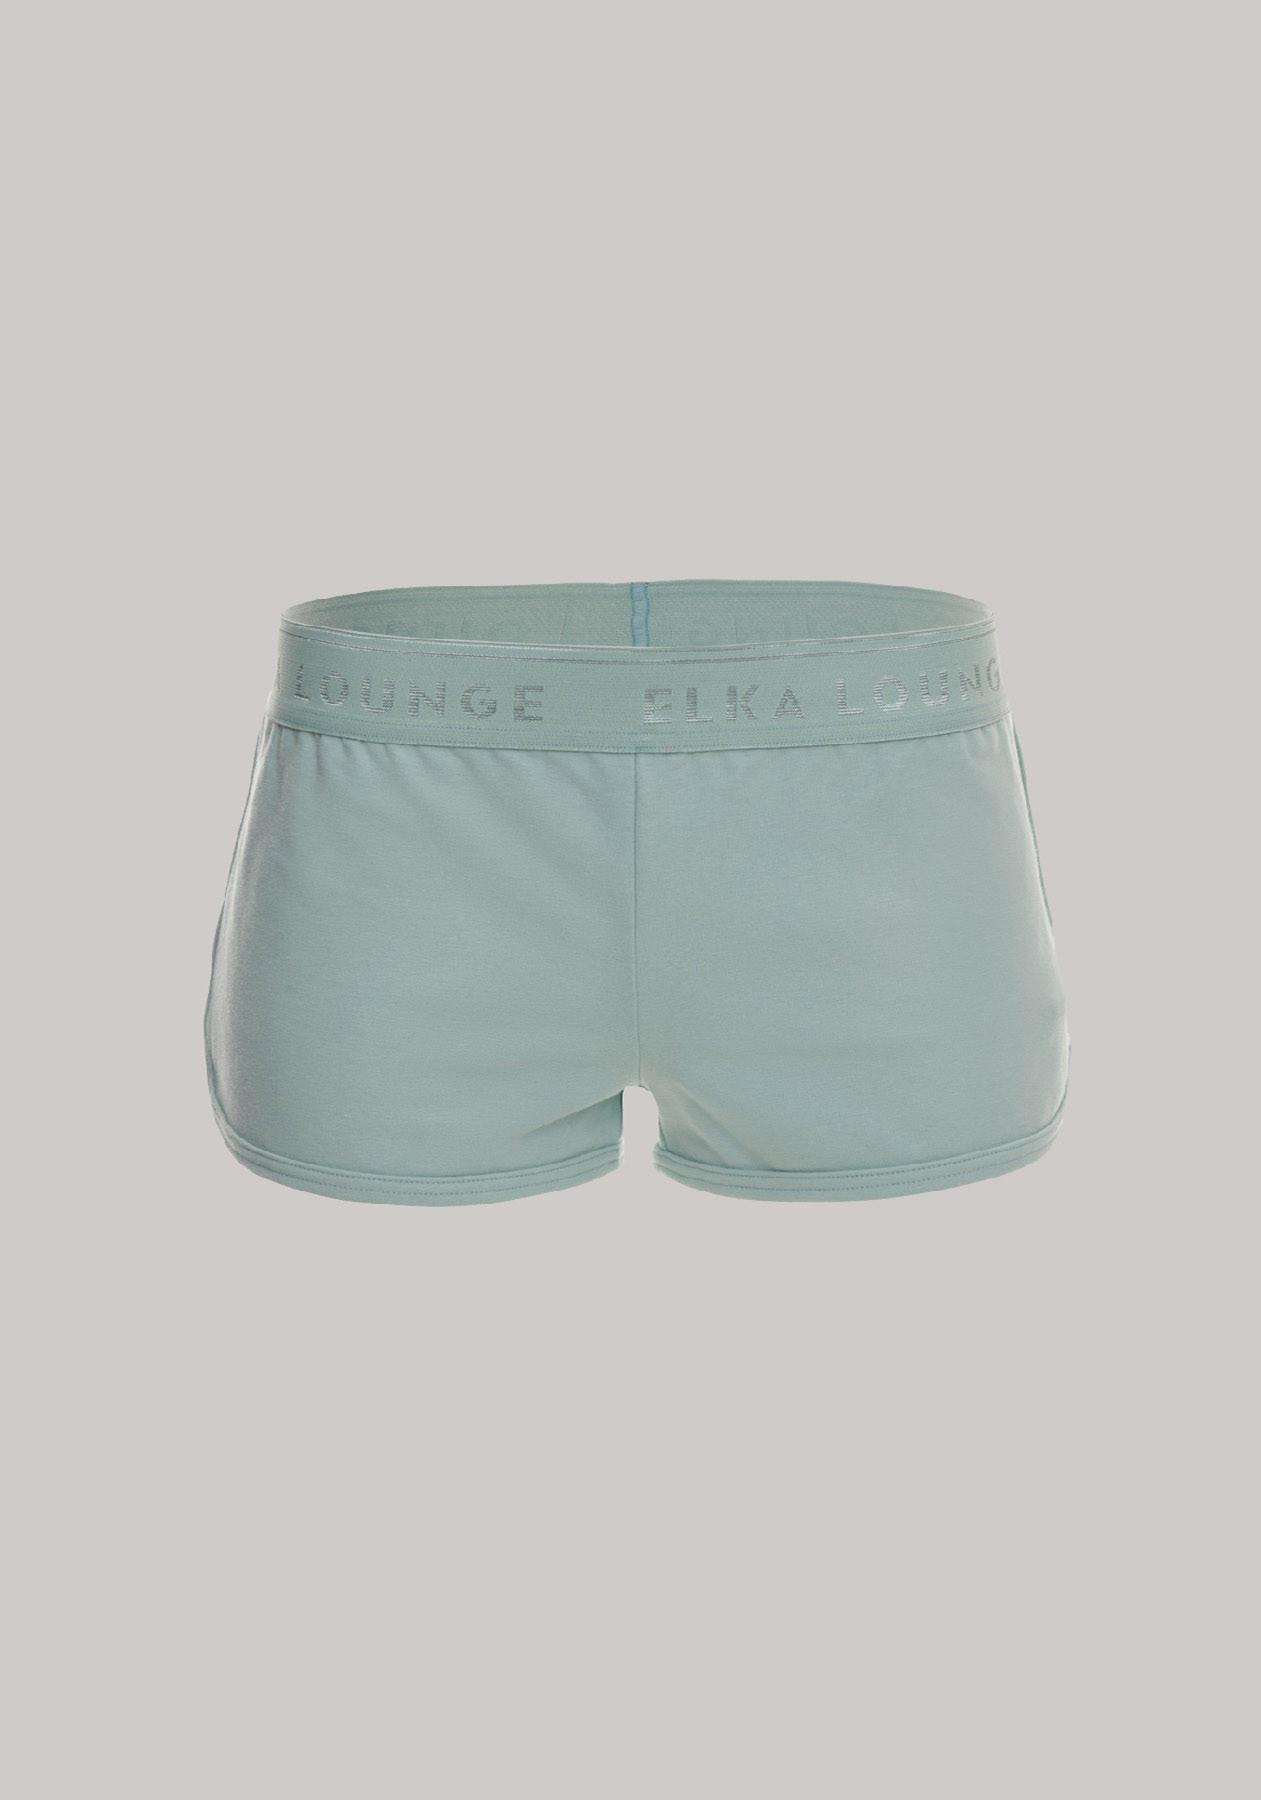 Women-shorts-ELKA-Lounge-W00549